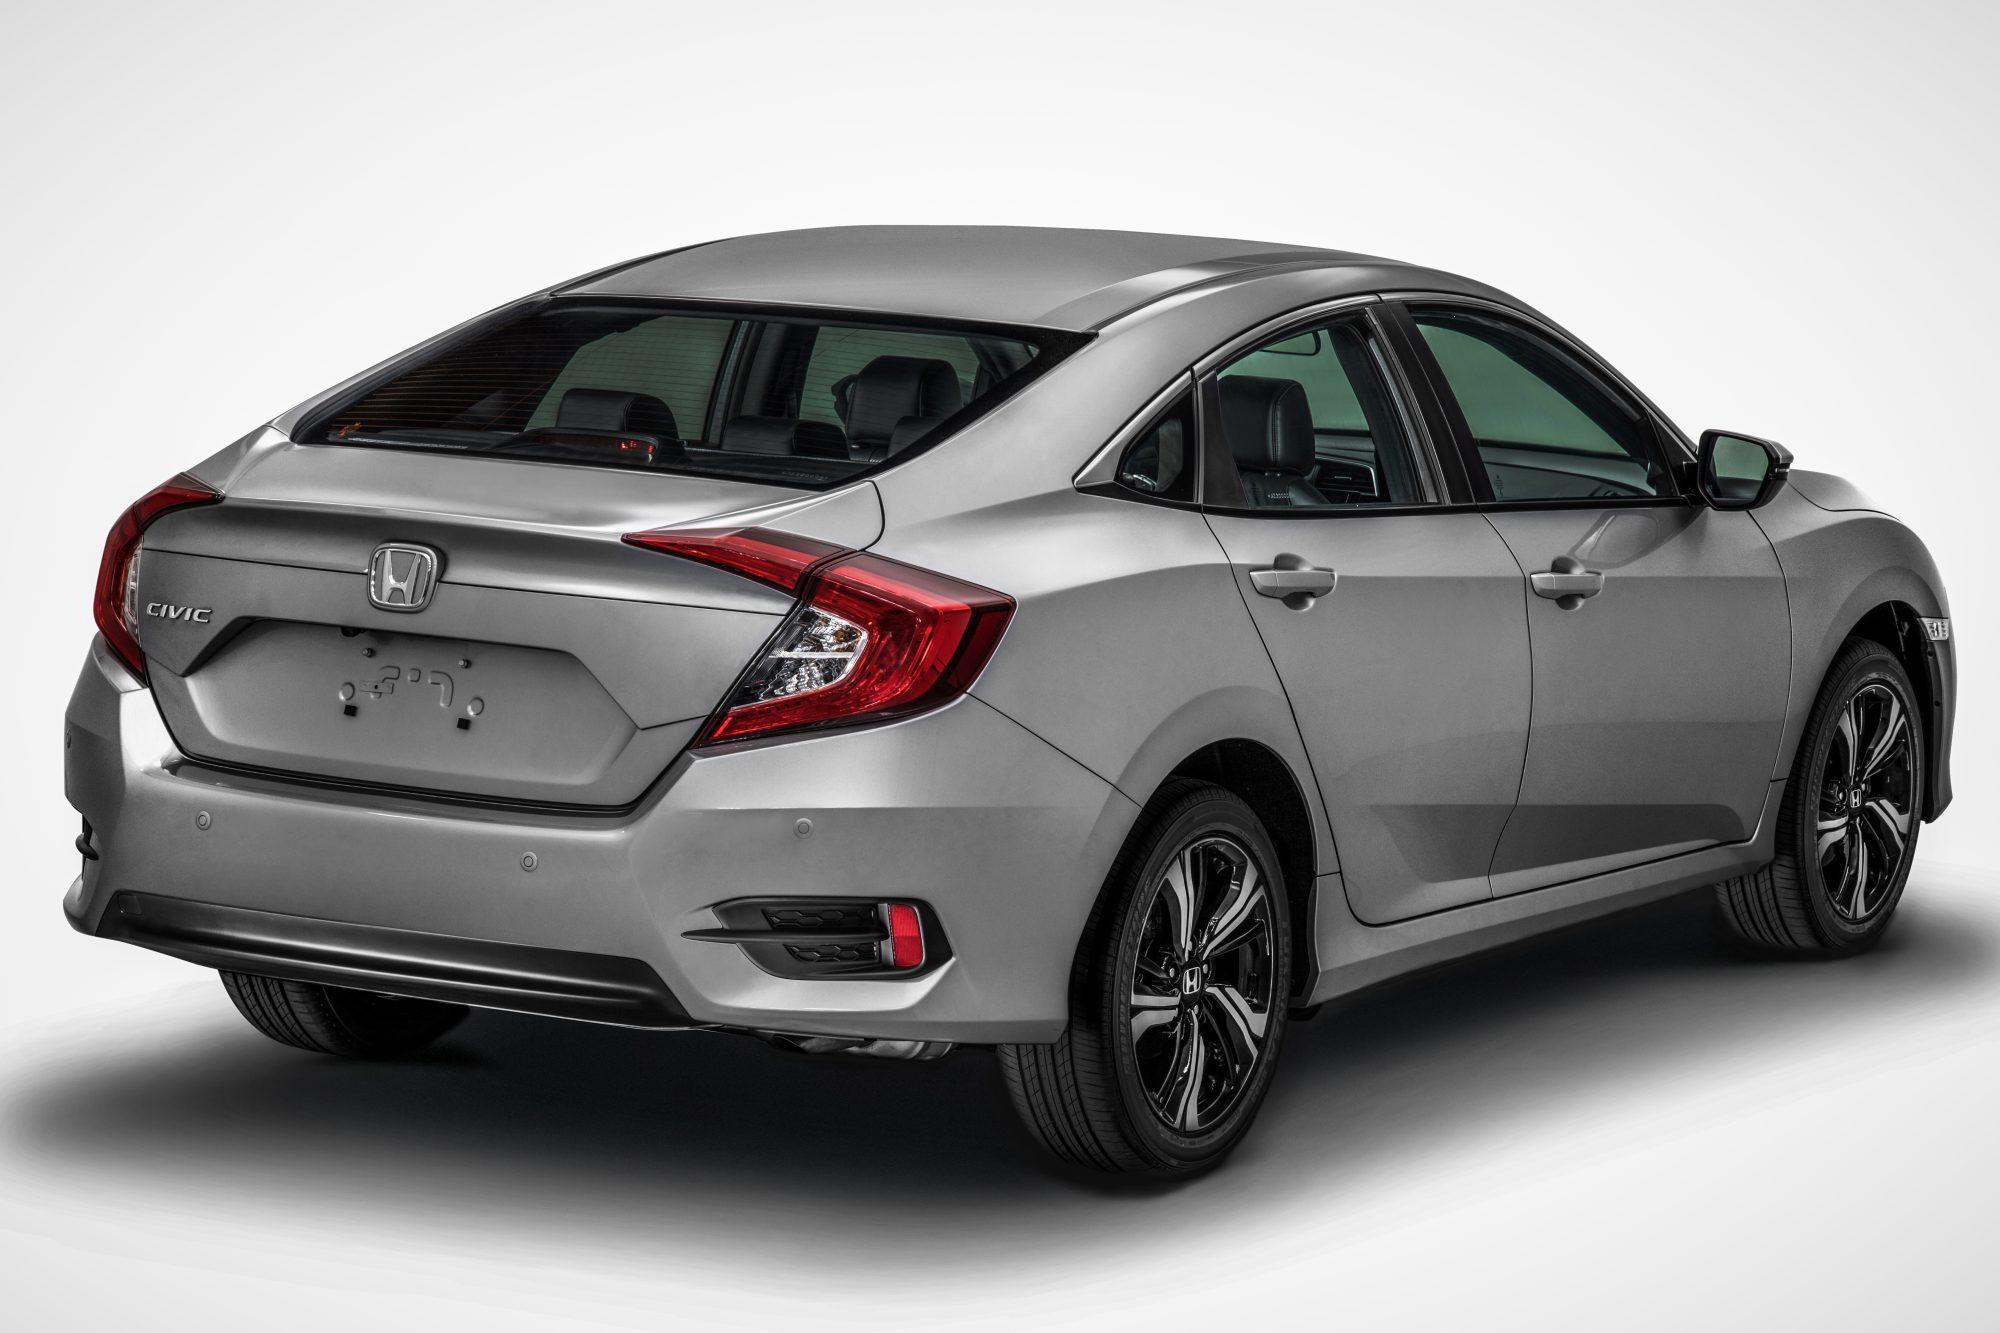 Kelebihan Kekurangan Honda Civic 2018 Murah Berkualitas